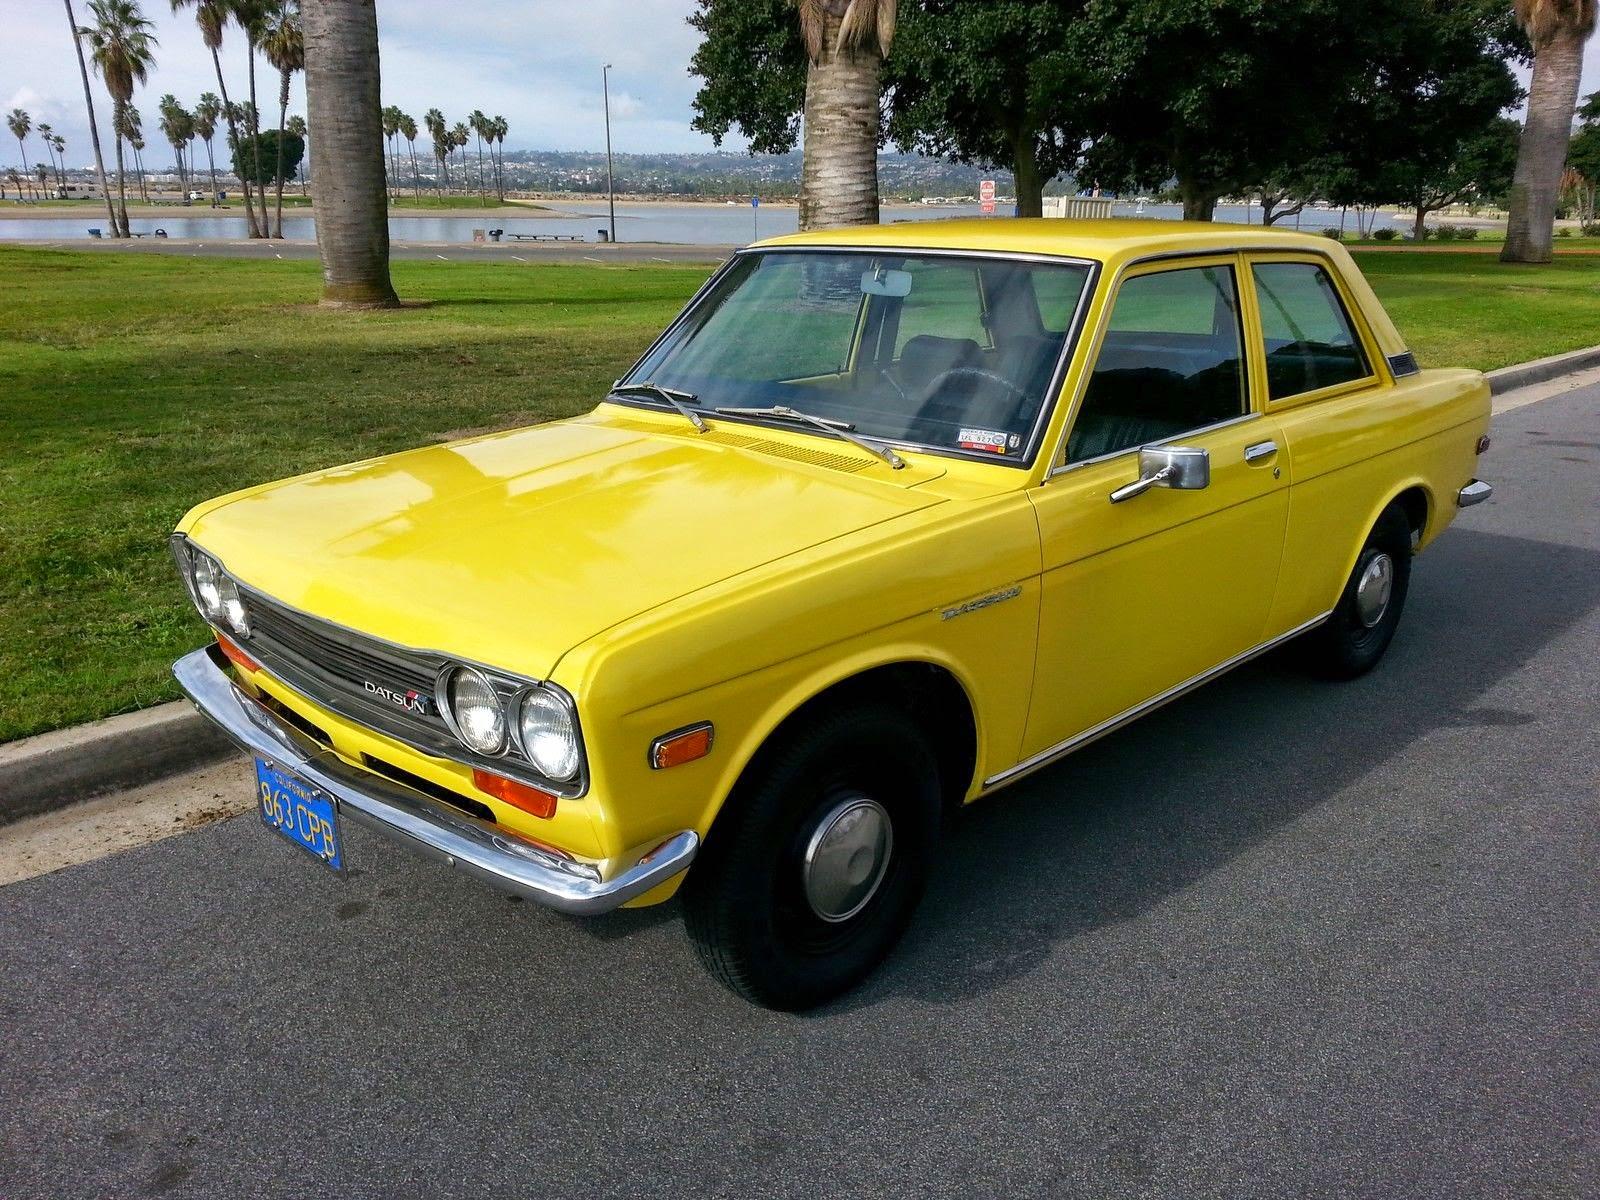 1971 Datsun 510 Wiring Diagram Msd Btm Install Vh45de Best Library Harness Pet Odicis 240sx